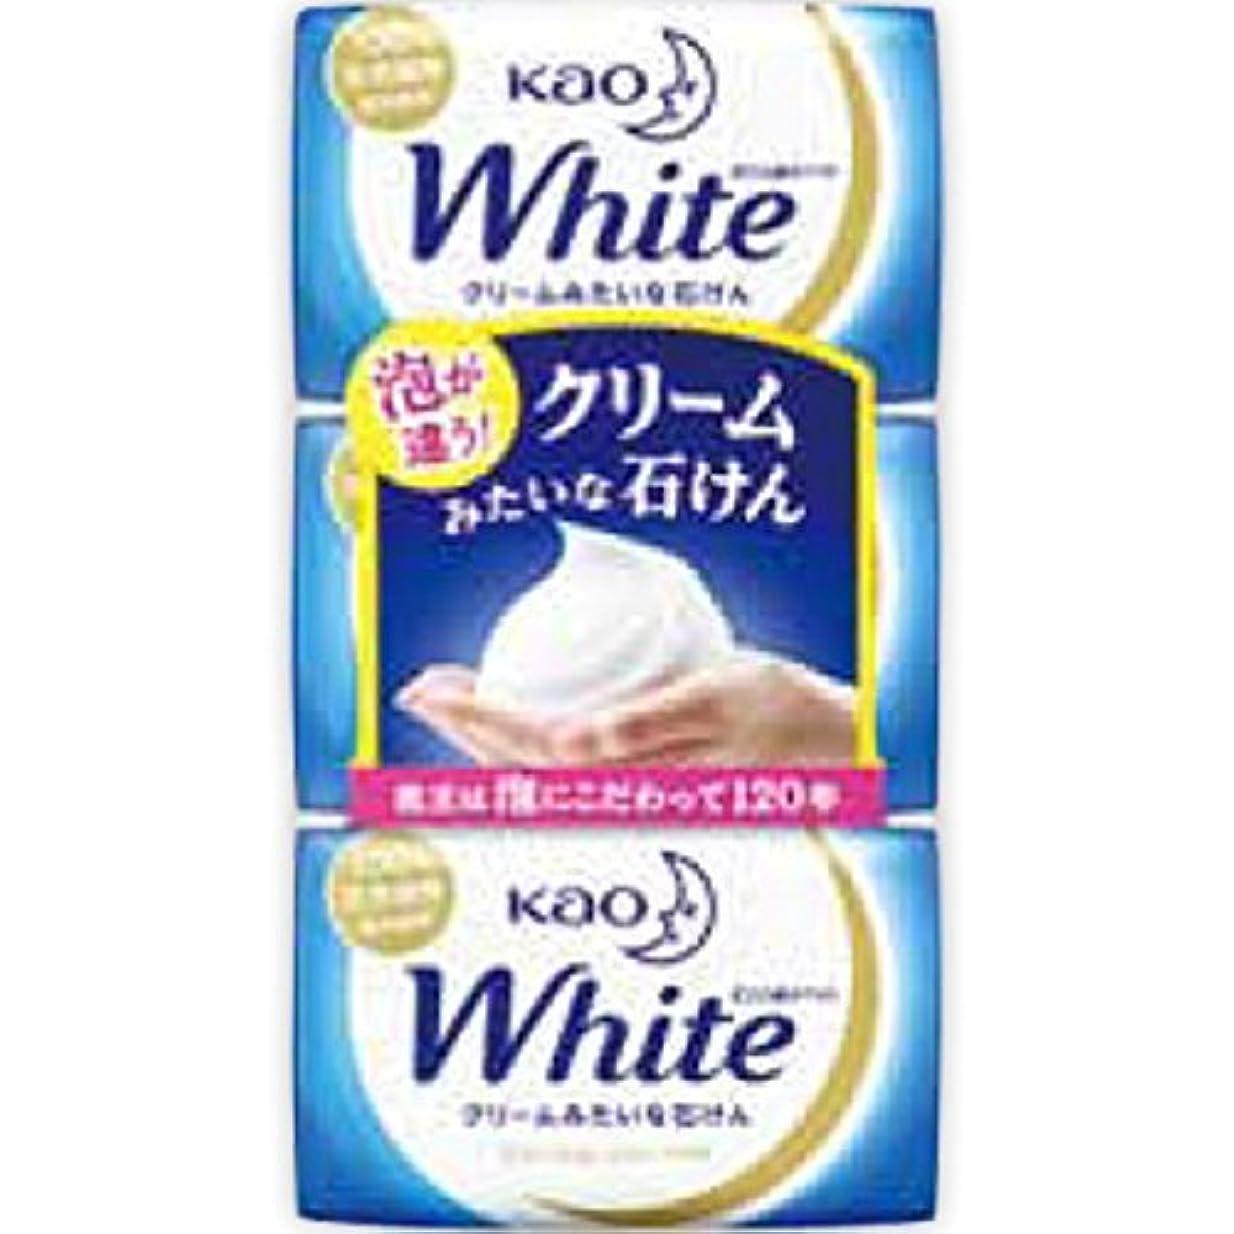 ロードされたパイプ指定する花王ホワイト レギュラーサイズ 85g*3個入